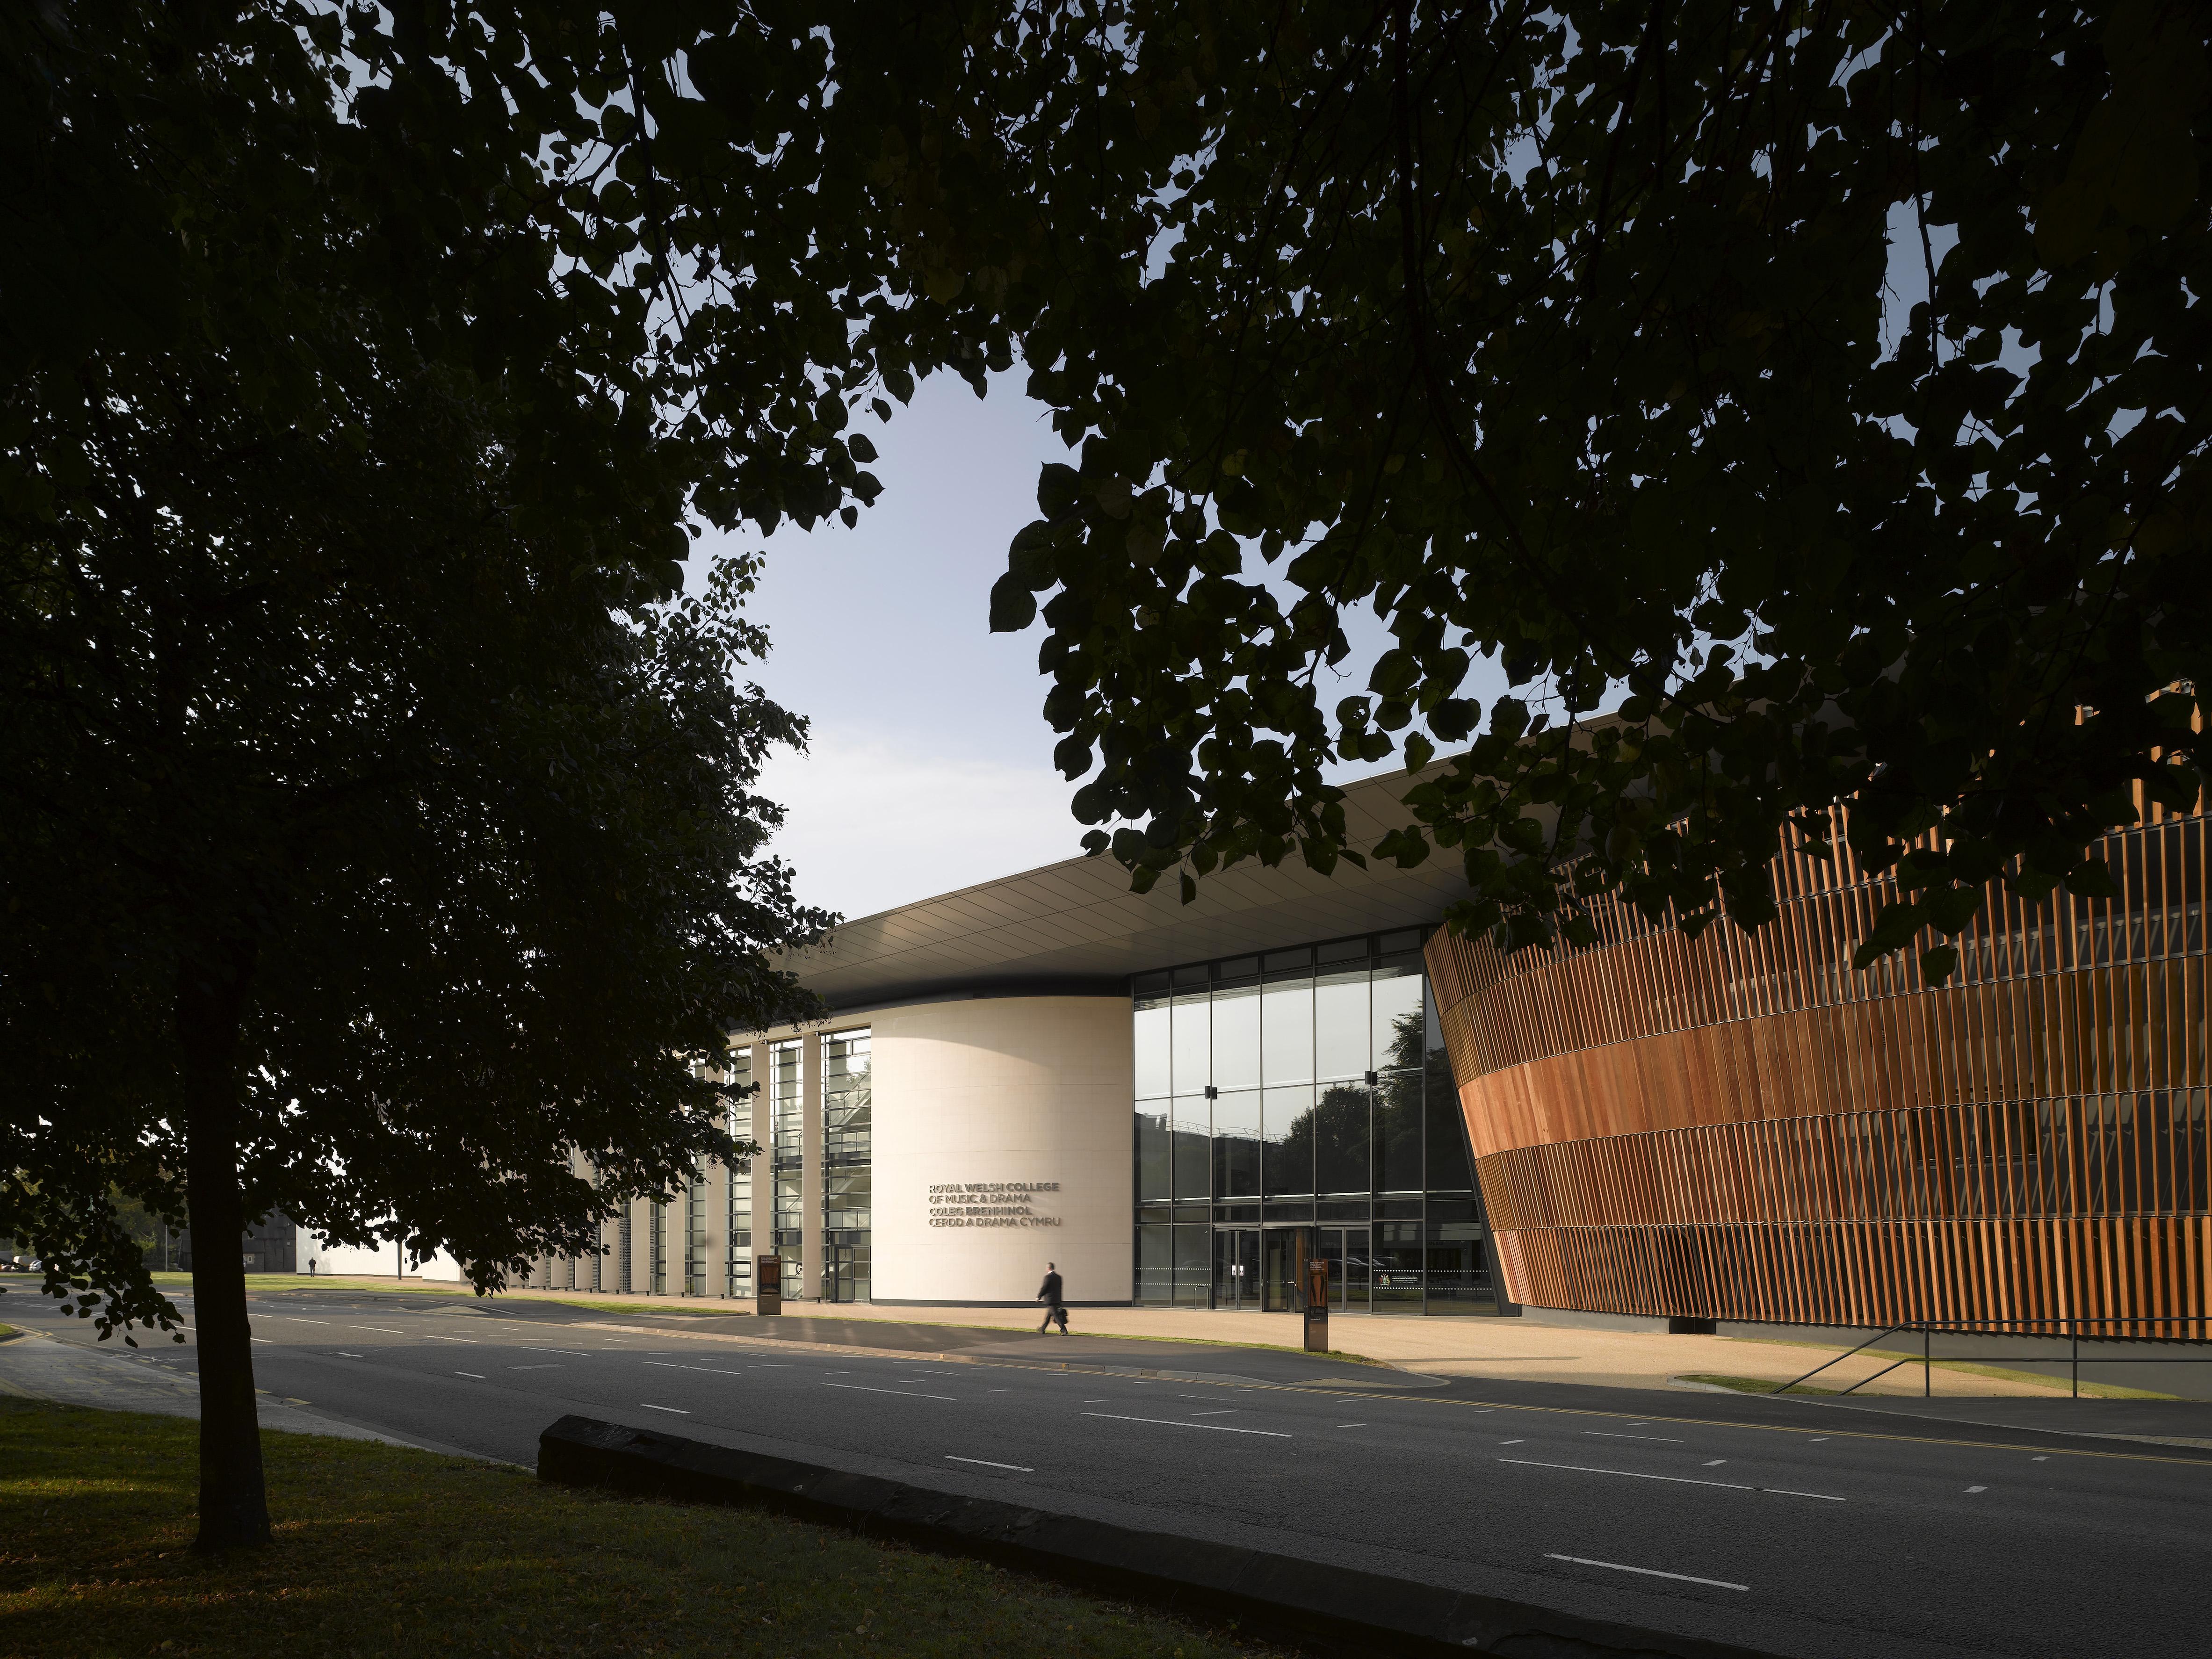 NRWCMD-view-of-North-Rd-facade-c-Nick-Guttridge